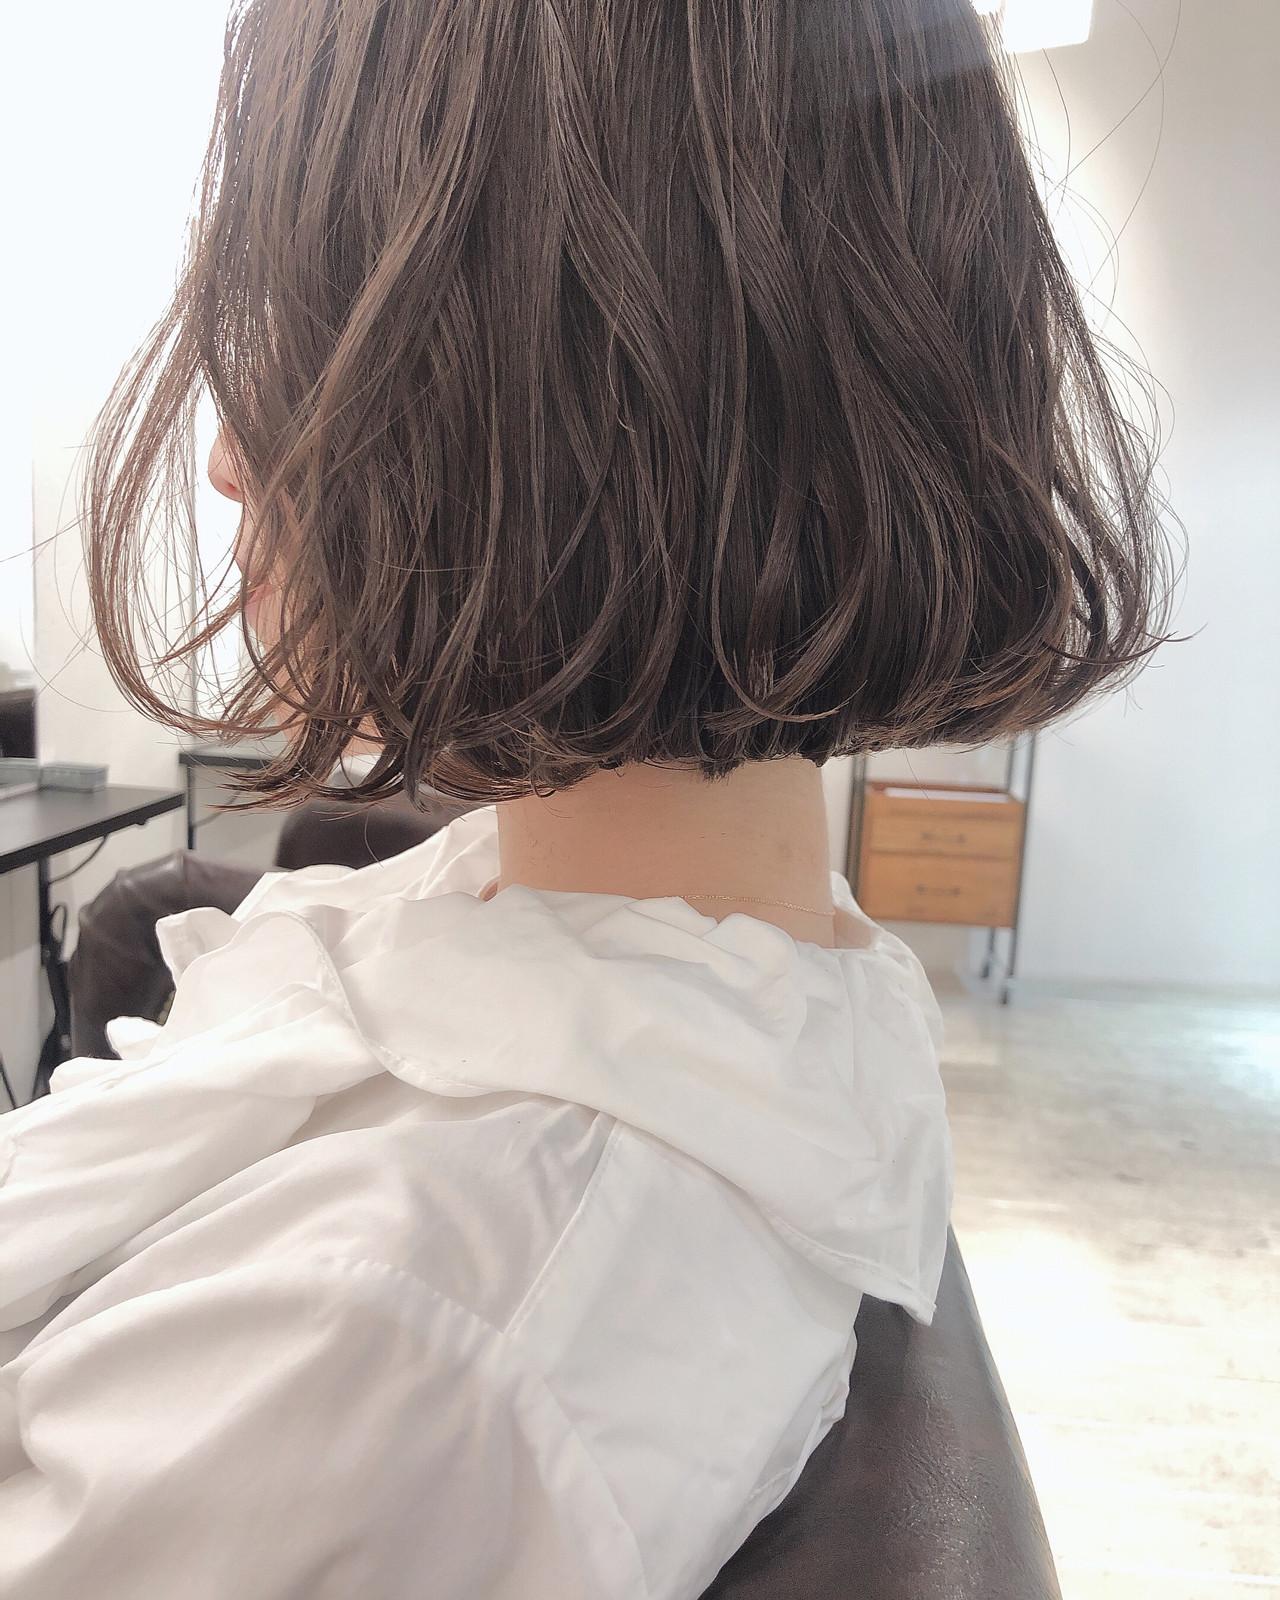 切りっぱなしボブ 大人かわいい ボブ アッシュベージュ ヘアスタイルや髪型の写真・画像